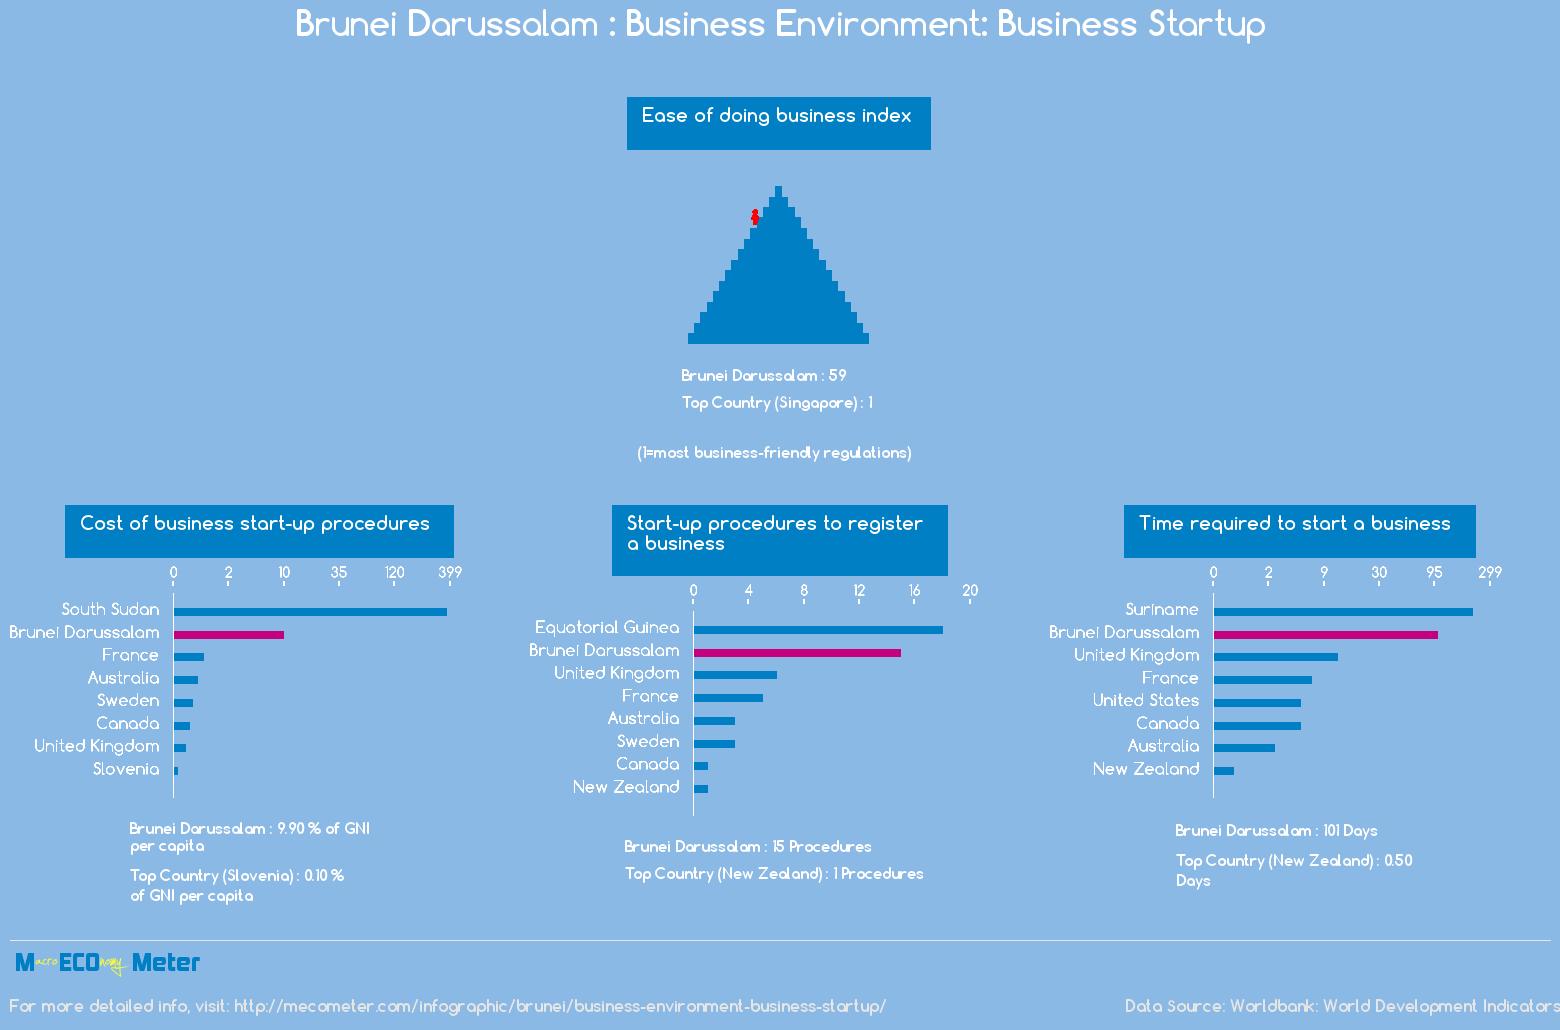 Brunei : Business Environment: Business Startup